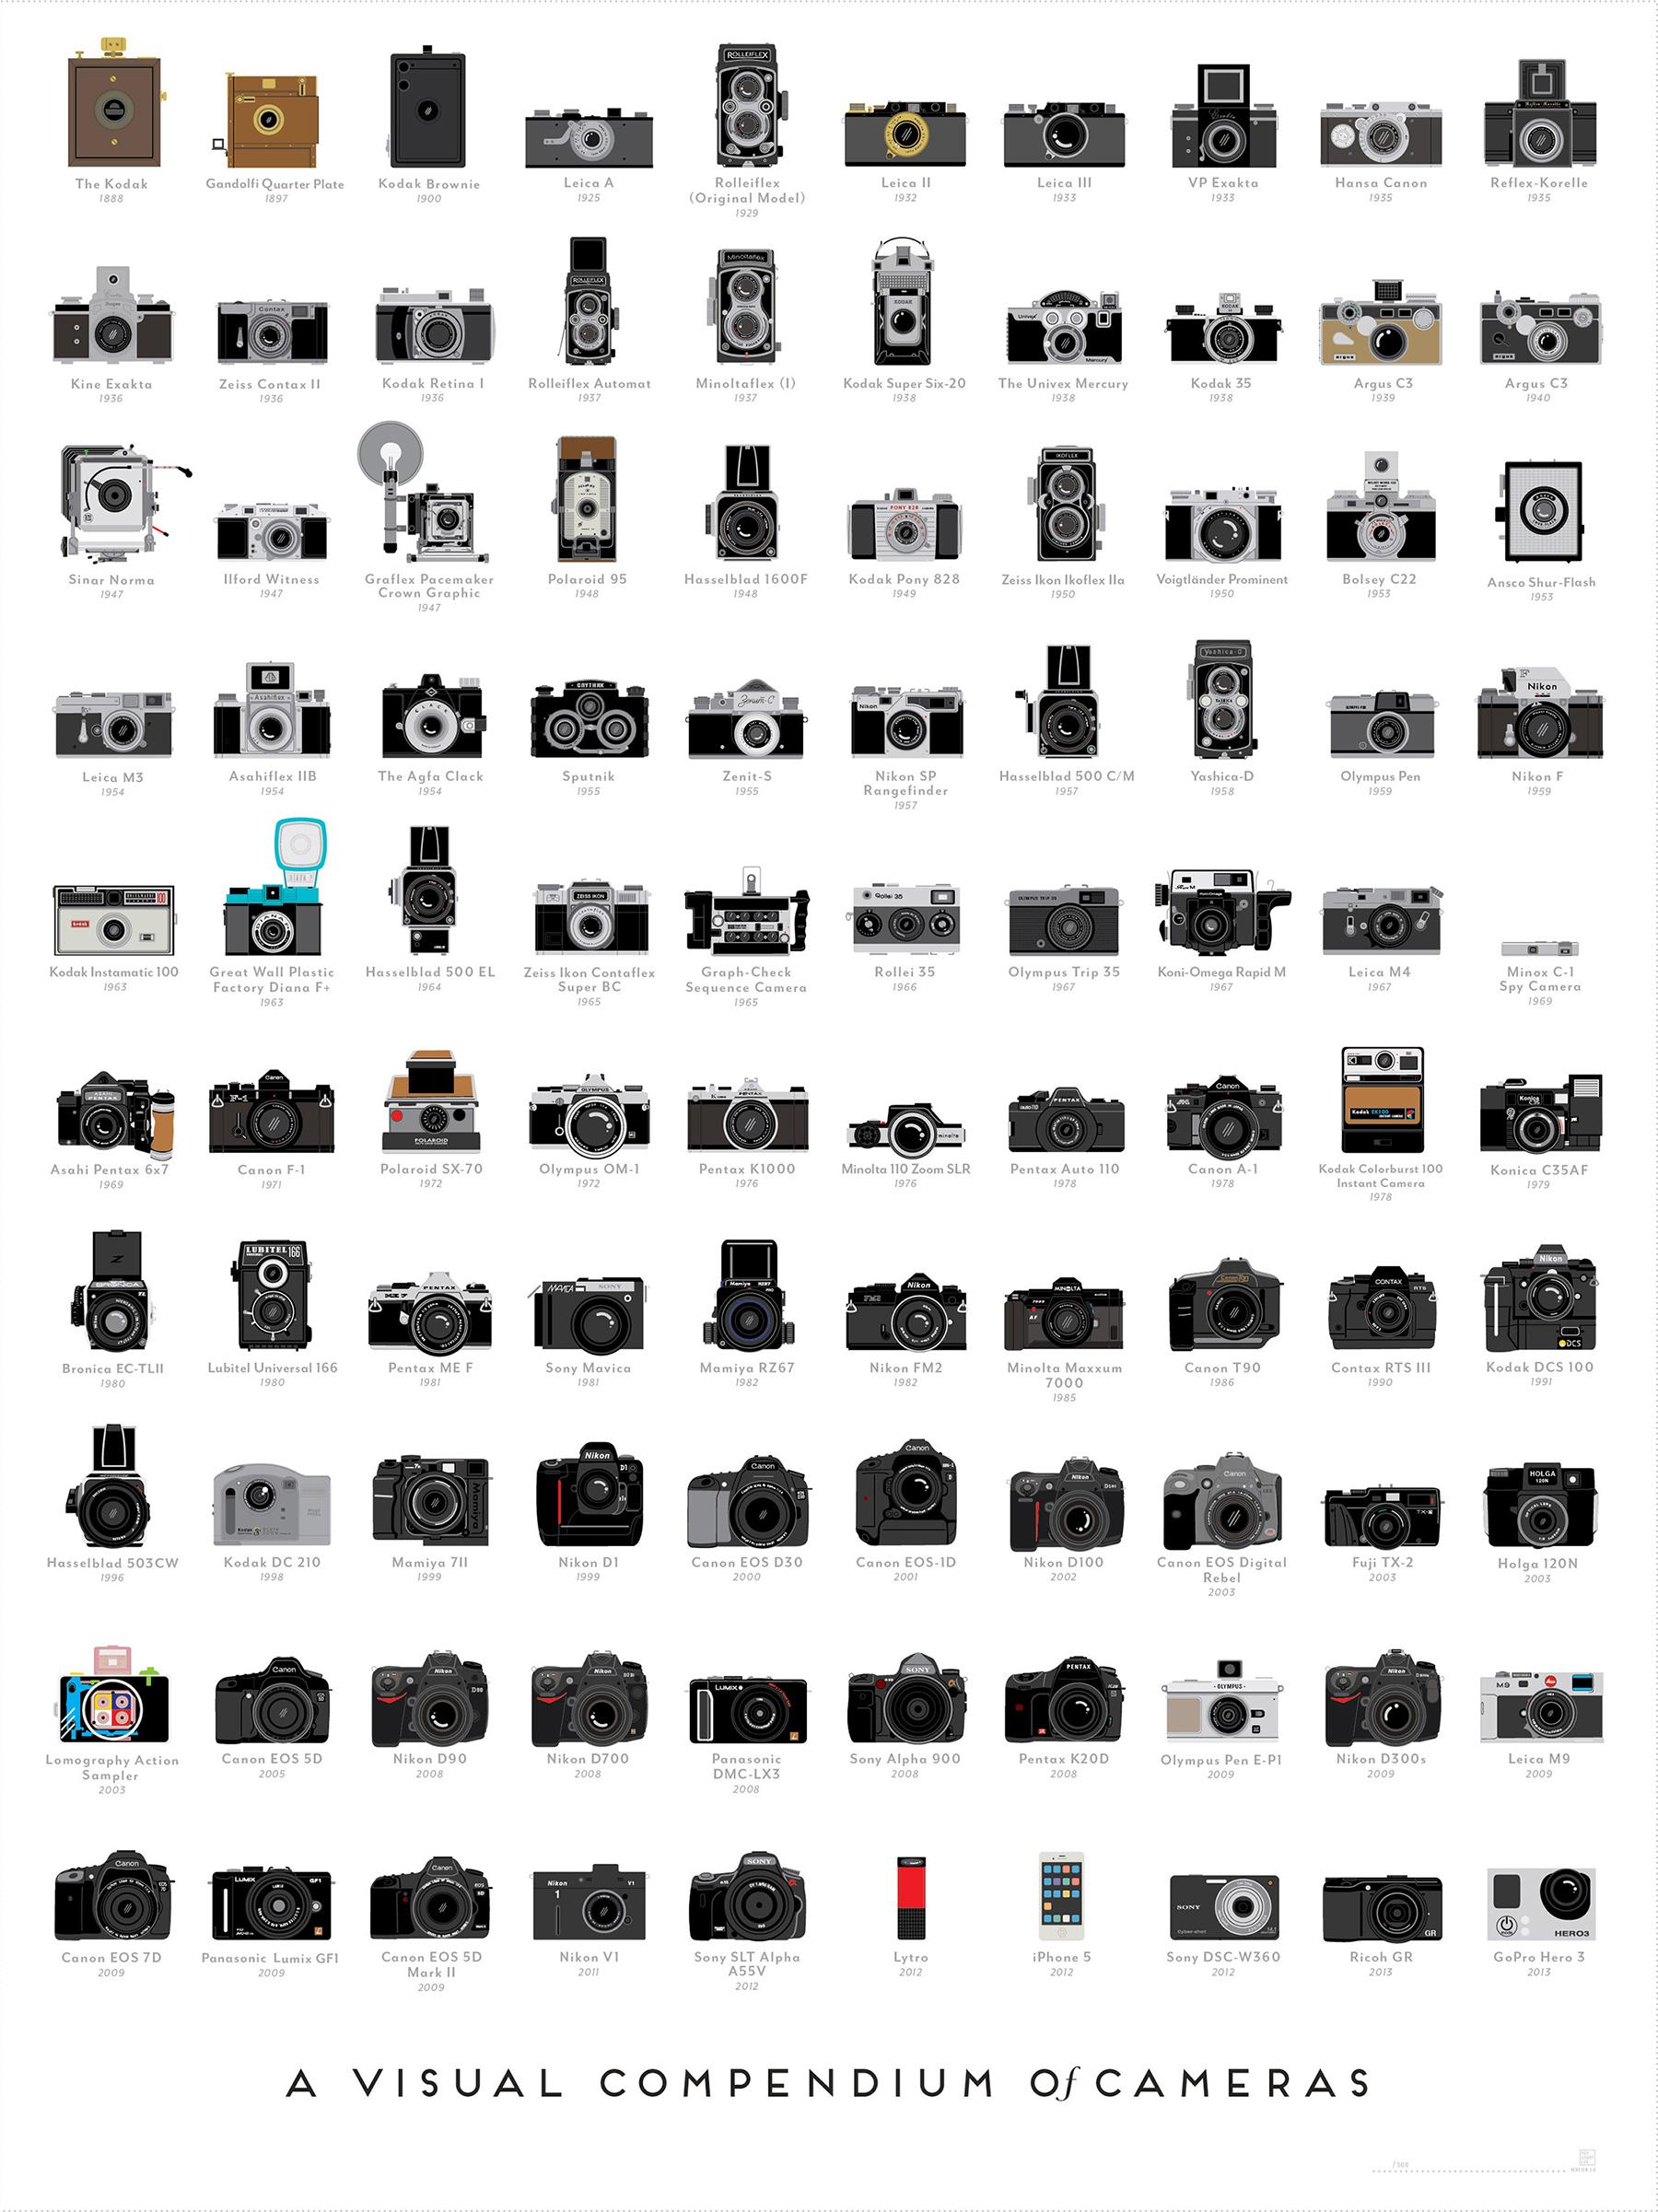 Das iPhone gehört zu den 100 wichtigsten Kameras.